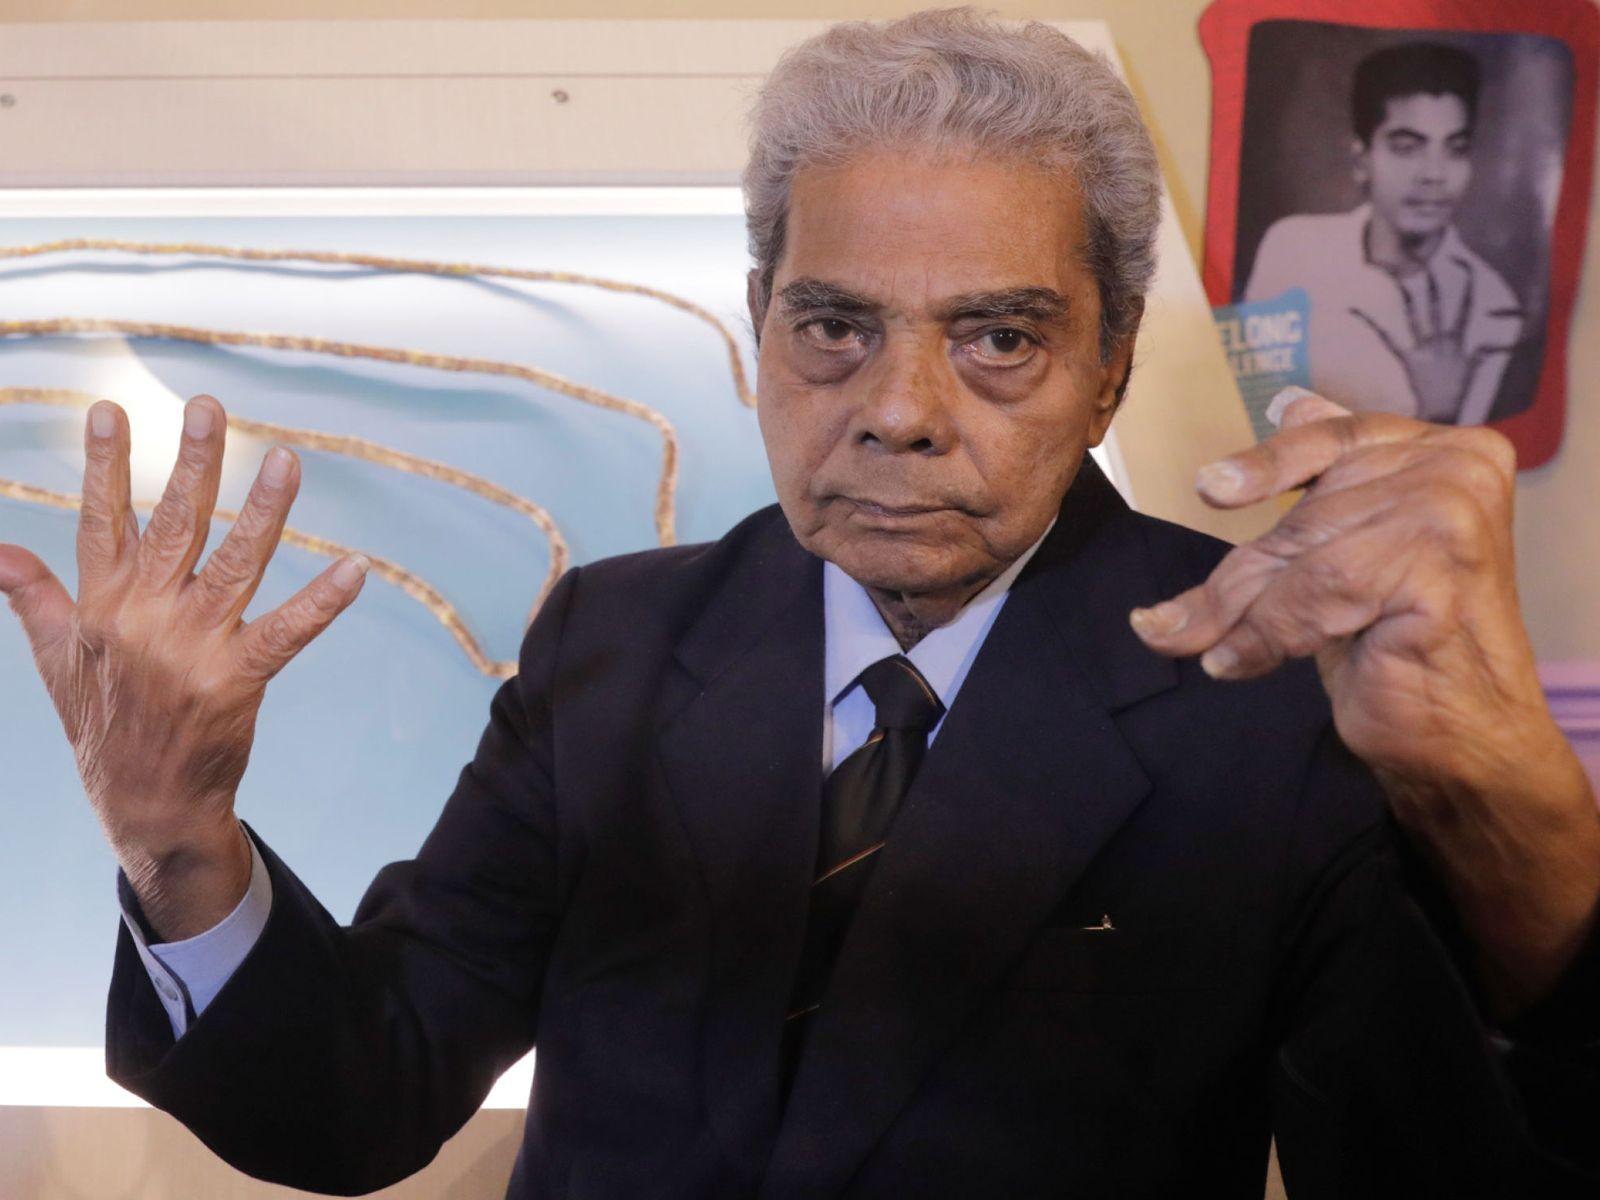 مرد سالخورده هندوستانی با ناخن های بلندش، خبرساز شد ! + فیلم